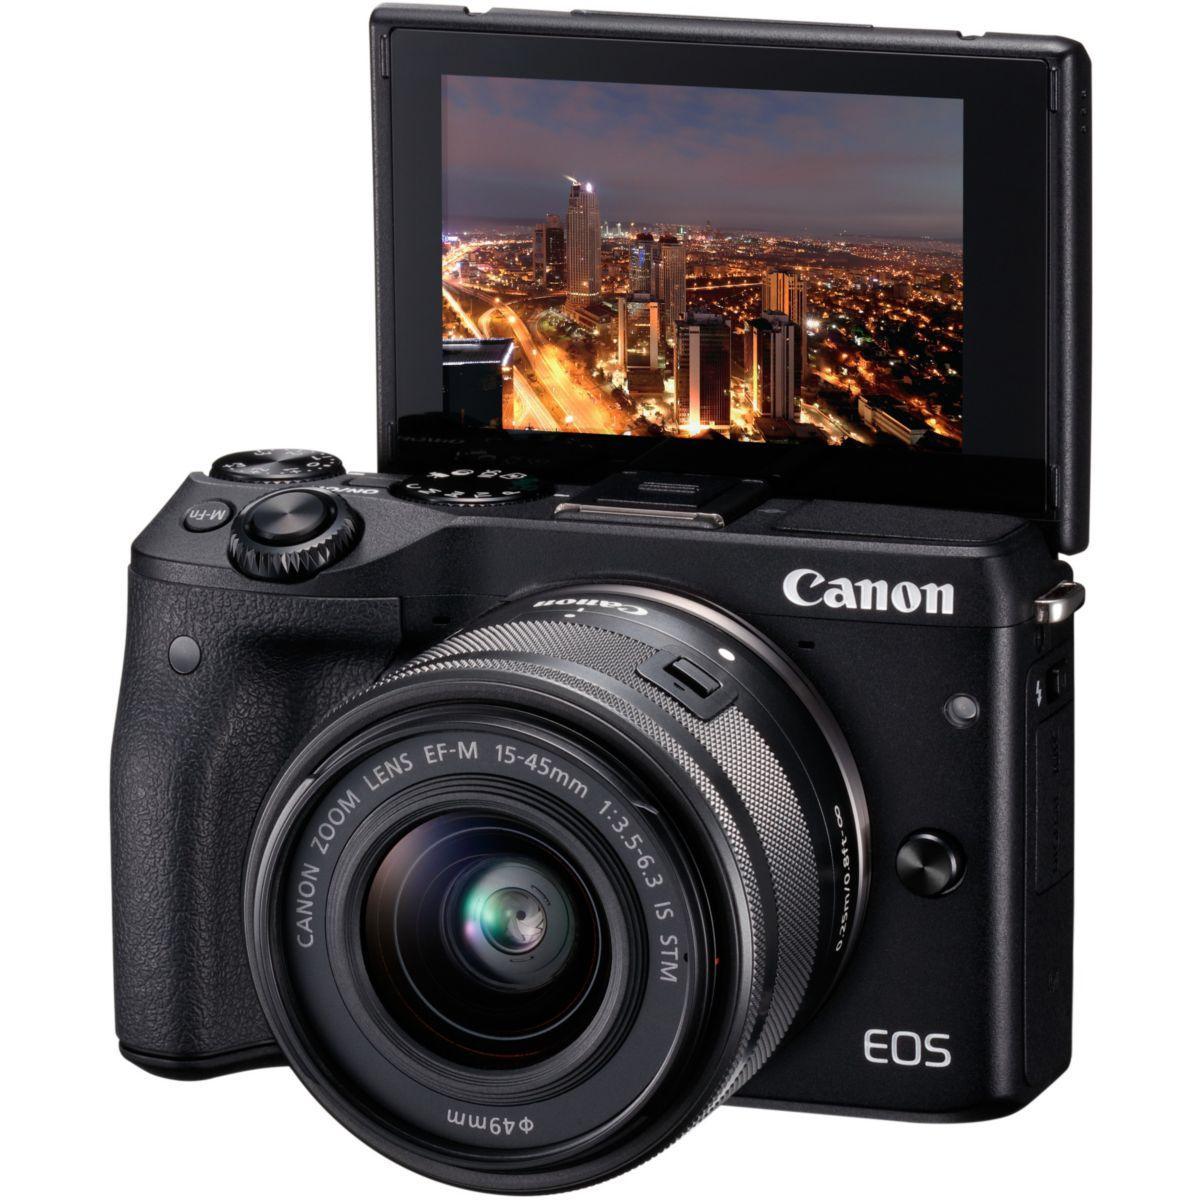 Apn canon eos m3 noir + ef-m 15-45 is st (photo)